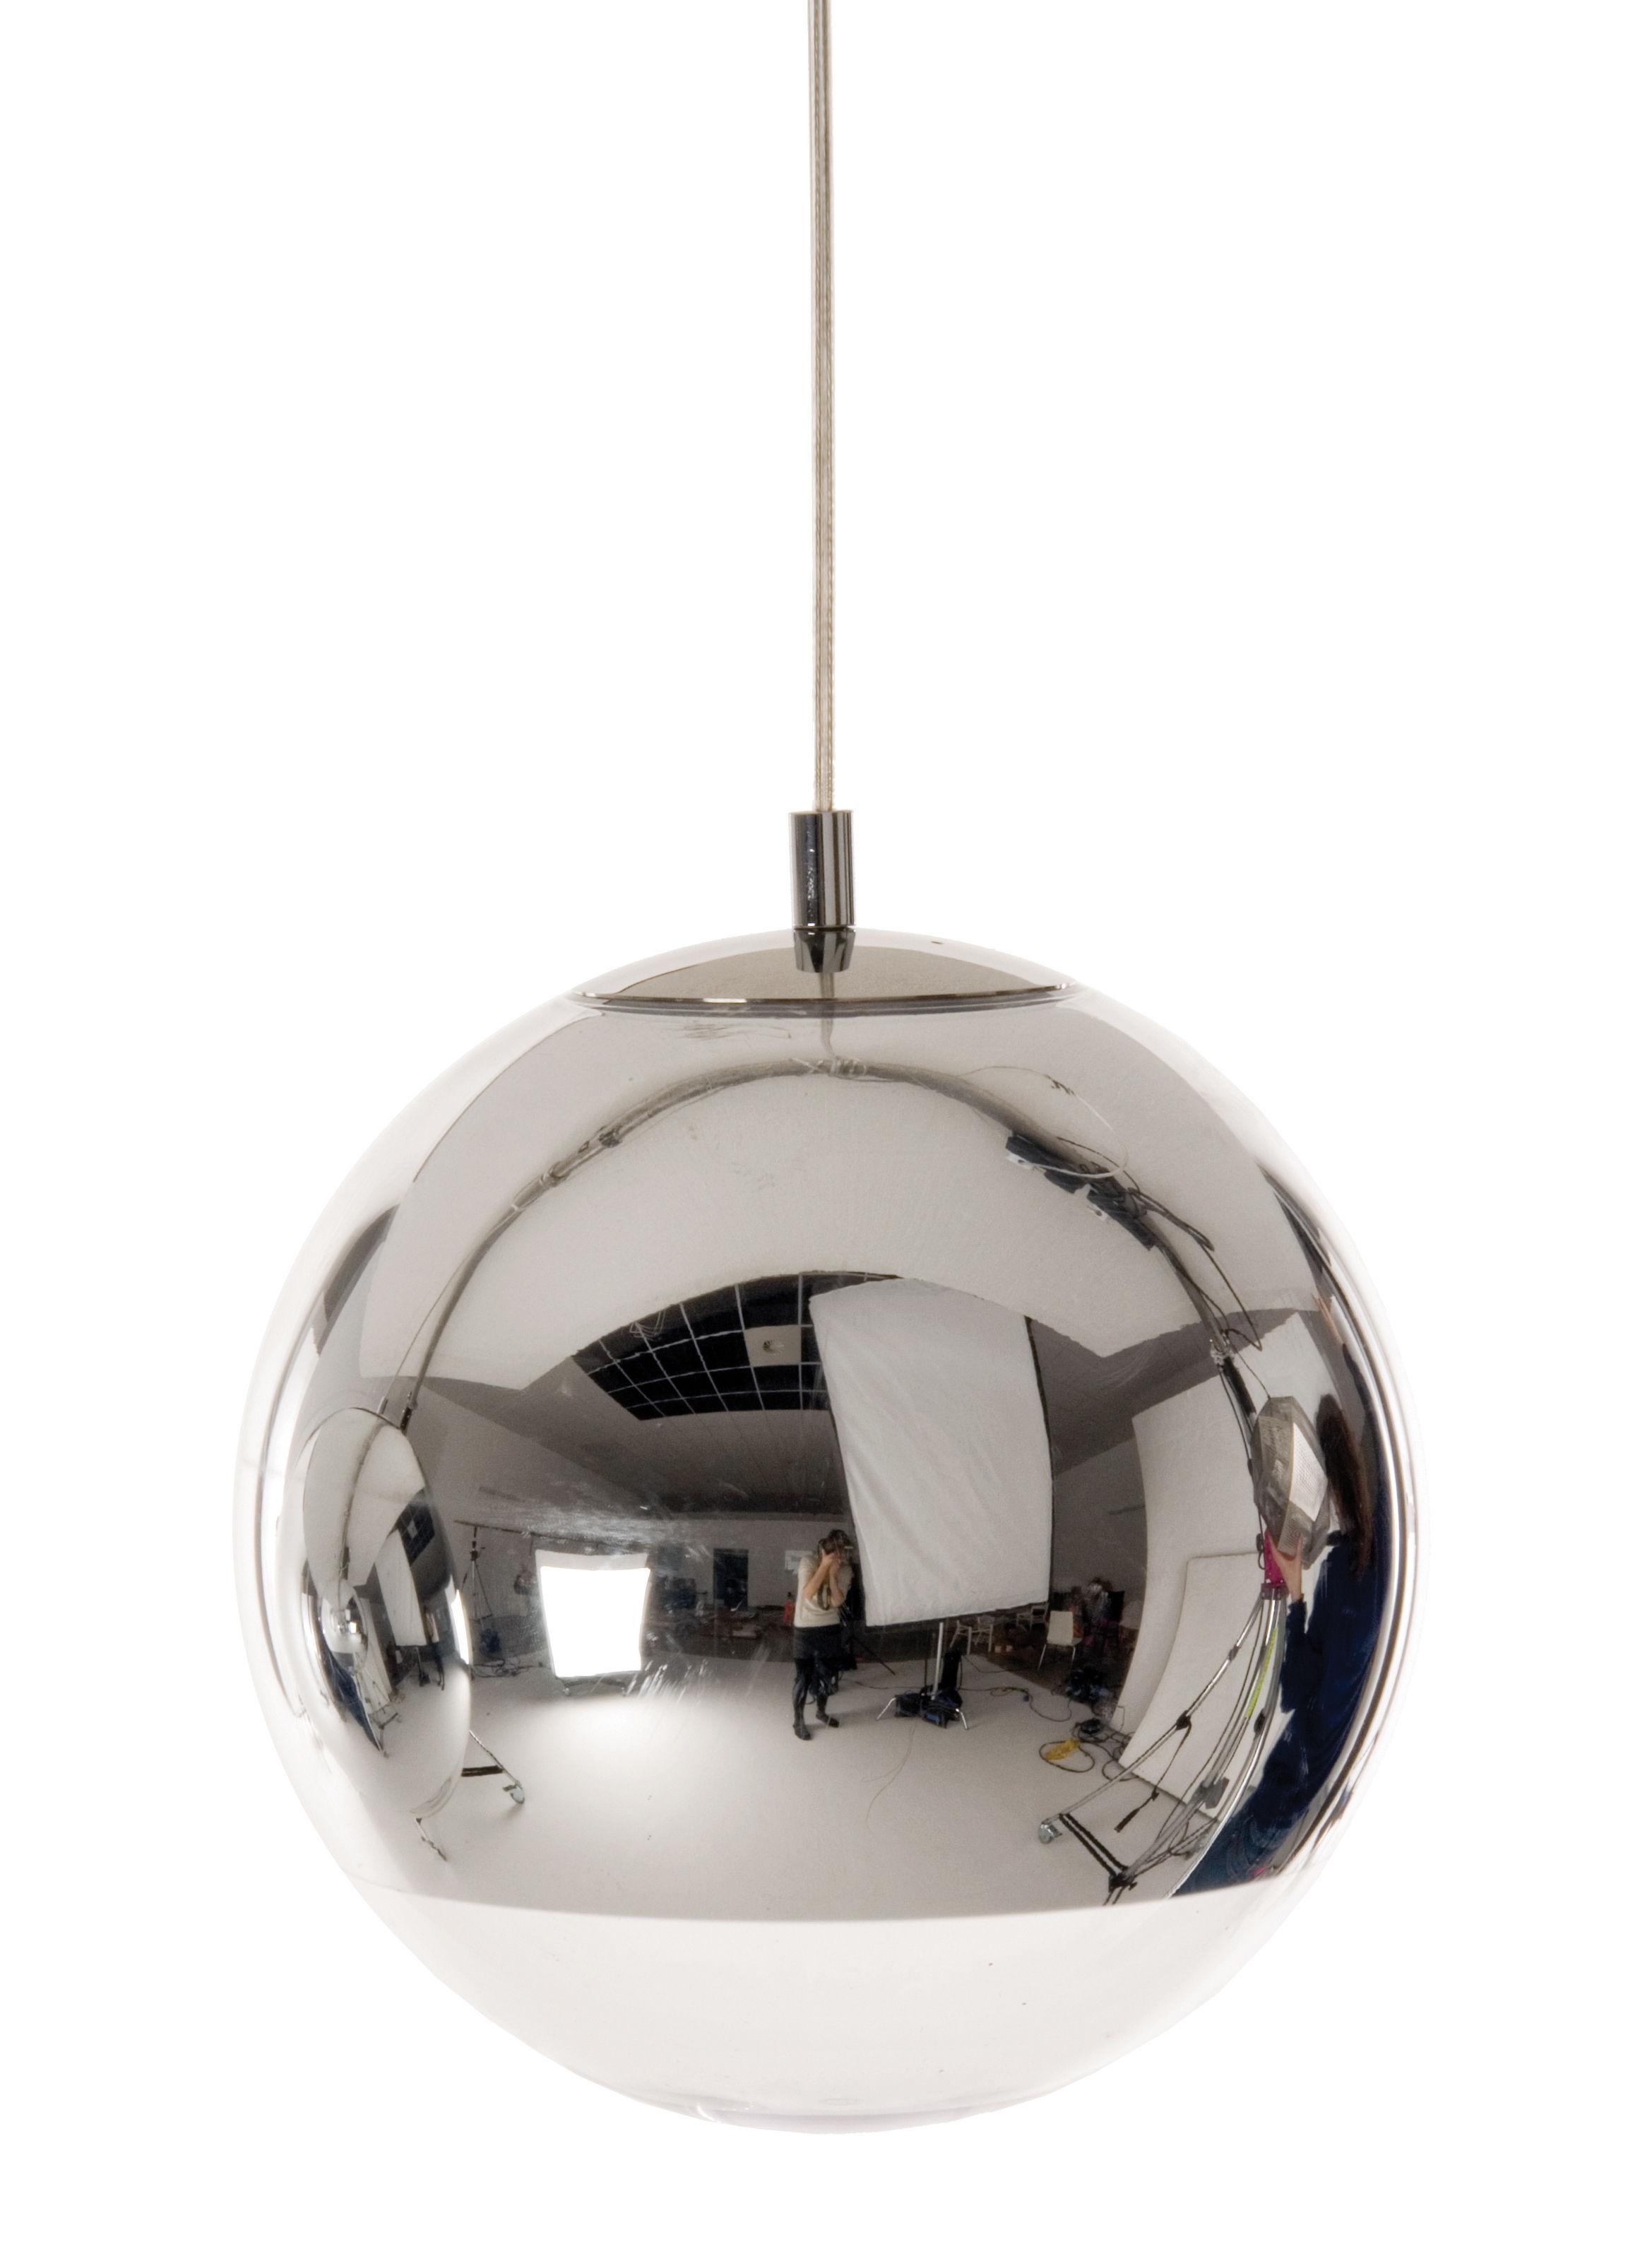 Luminaire - Suspensions - Suspension Mini ball - Tom Dixon - Suspension Ø 25 cm - Méthacrylate